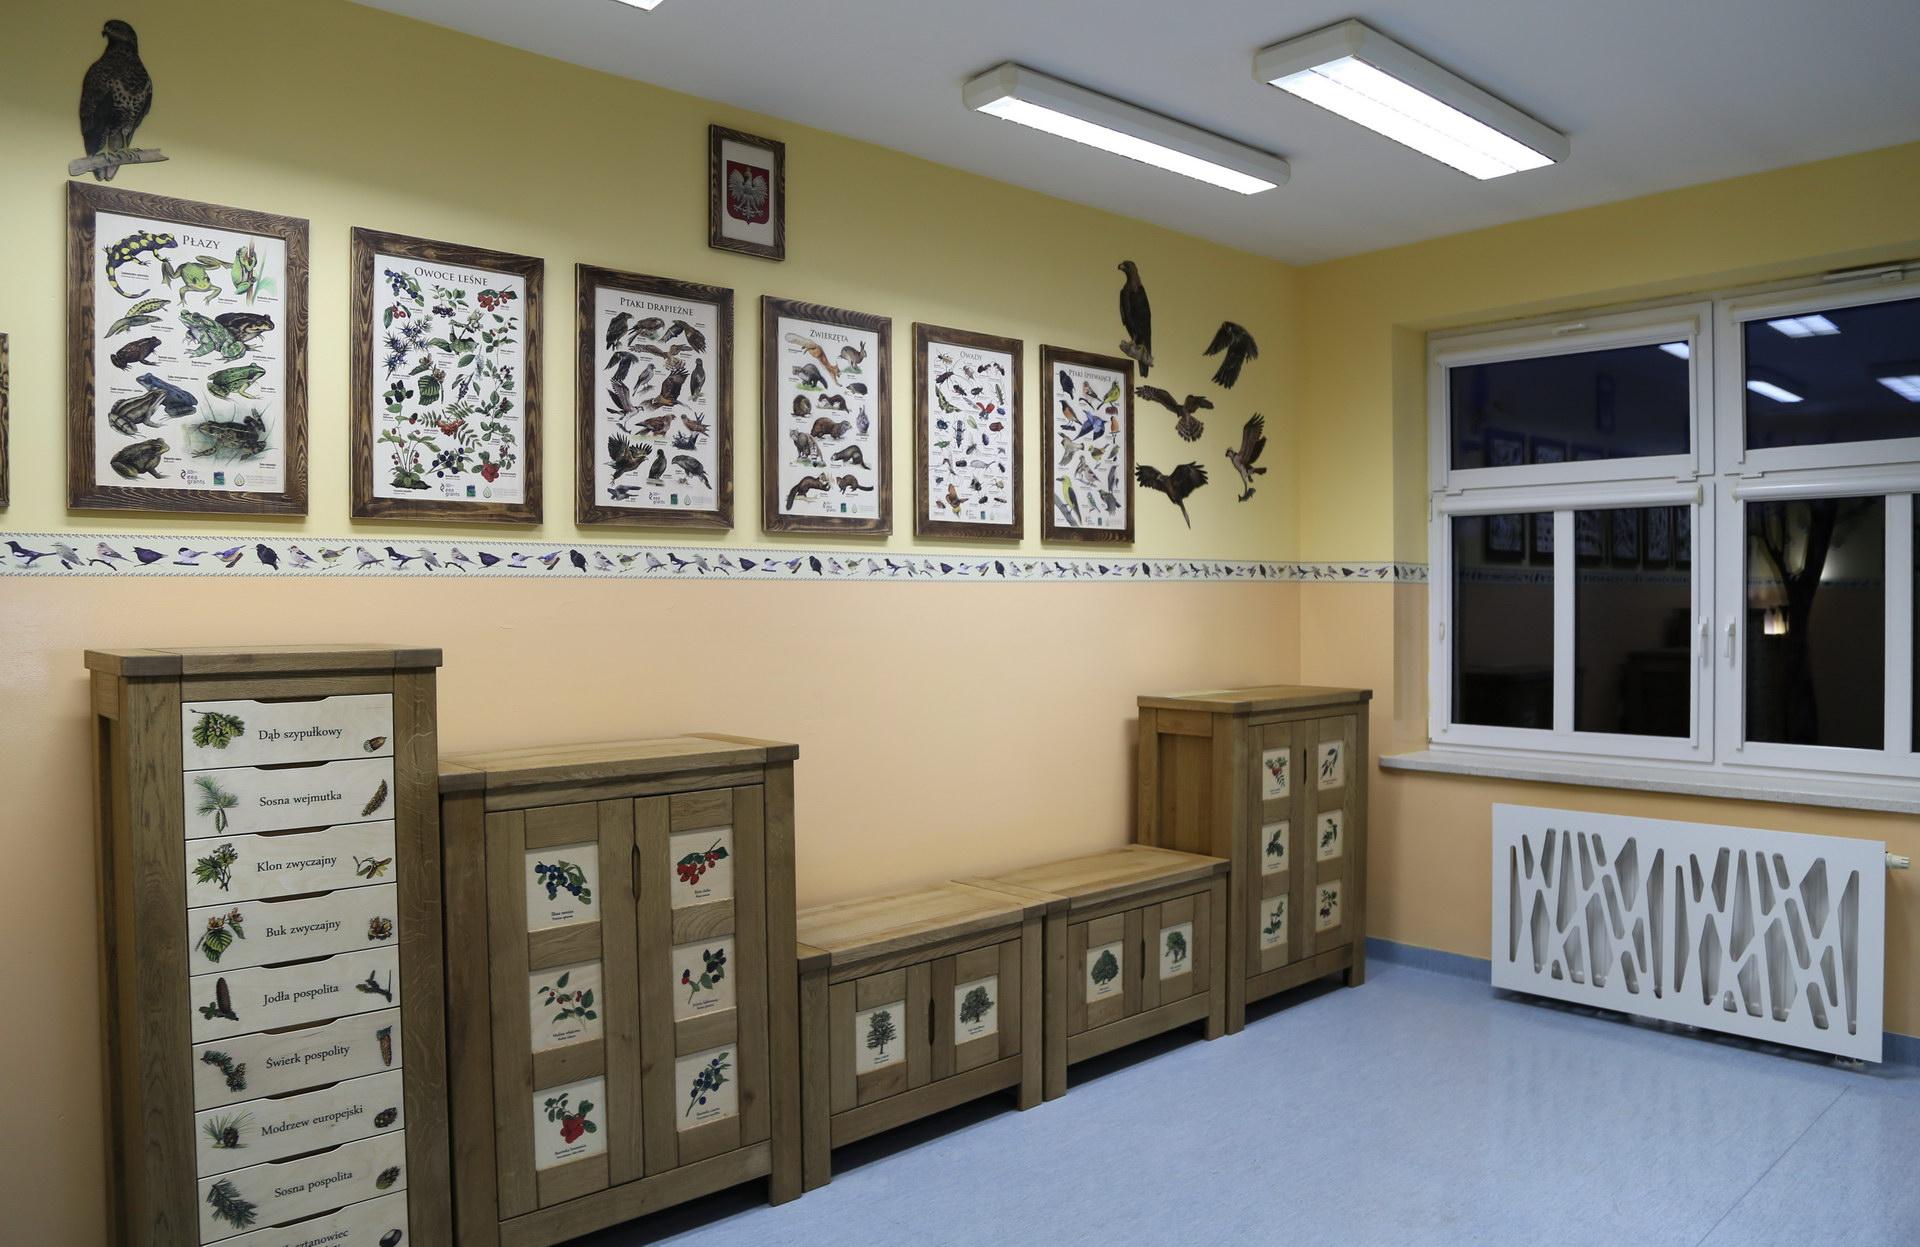 Izby edukacyjne lesne - sale przyrodnicze, wystroj wnetrz - ZS Dargin (2)